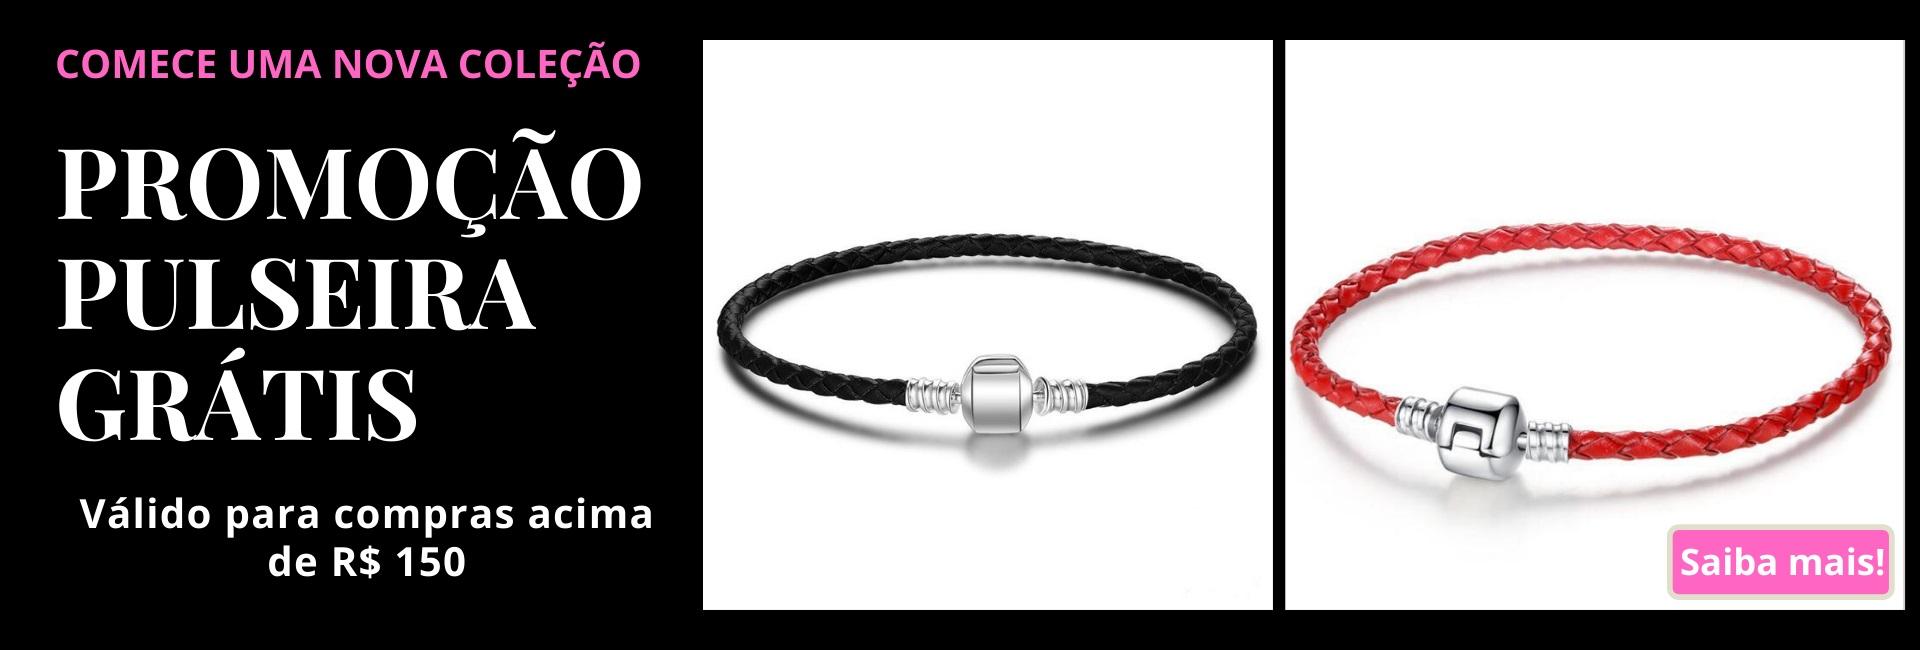 Promoção pulseira de Berloques Grátis nas compras acima de R$ 150